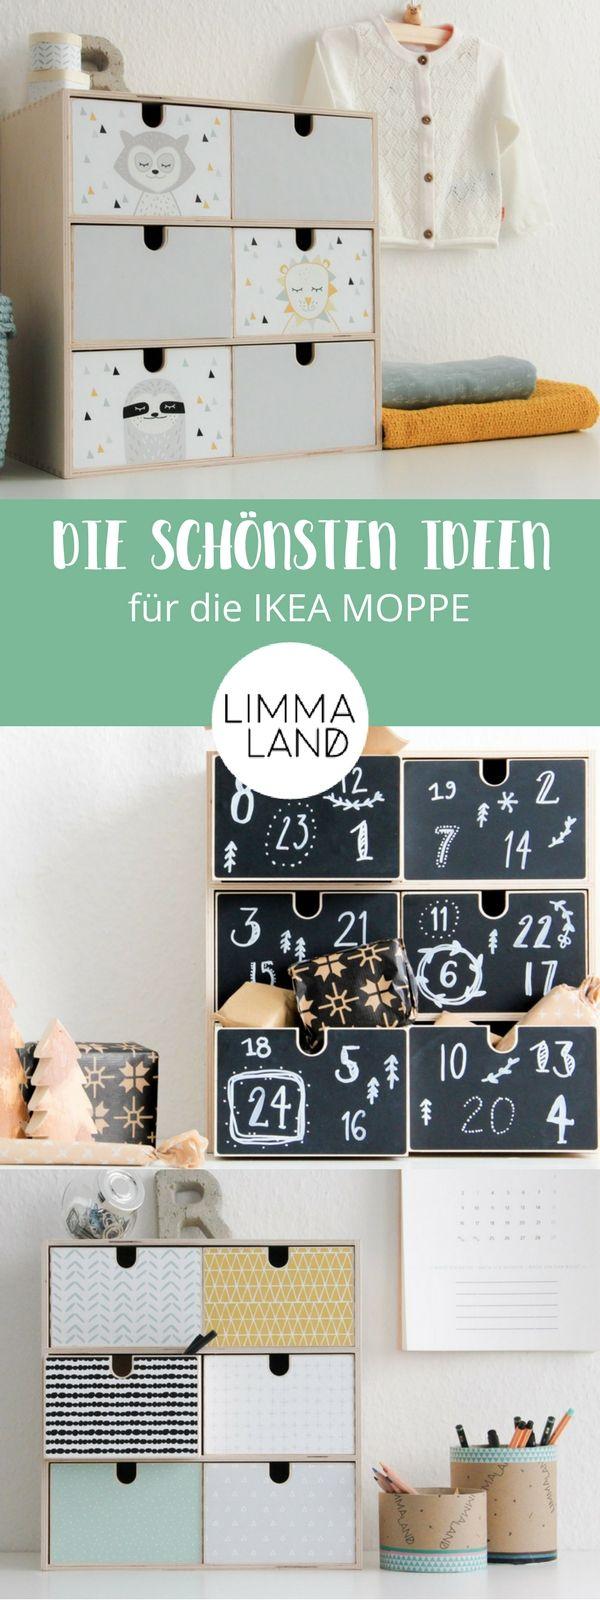 Ikea mini kommode die besten ideen f r die moppe new for Ikea kommode kinderzimmer